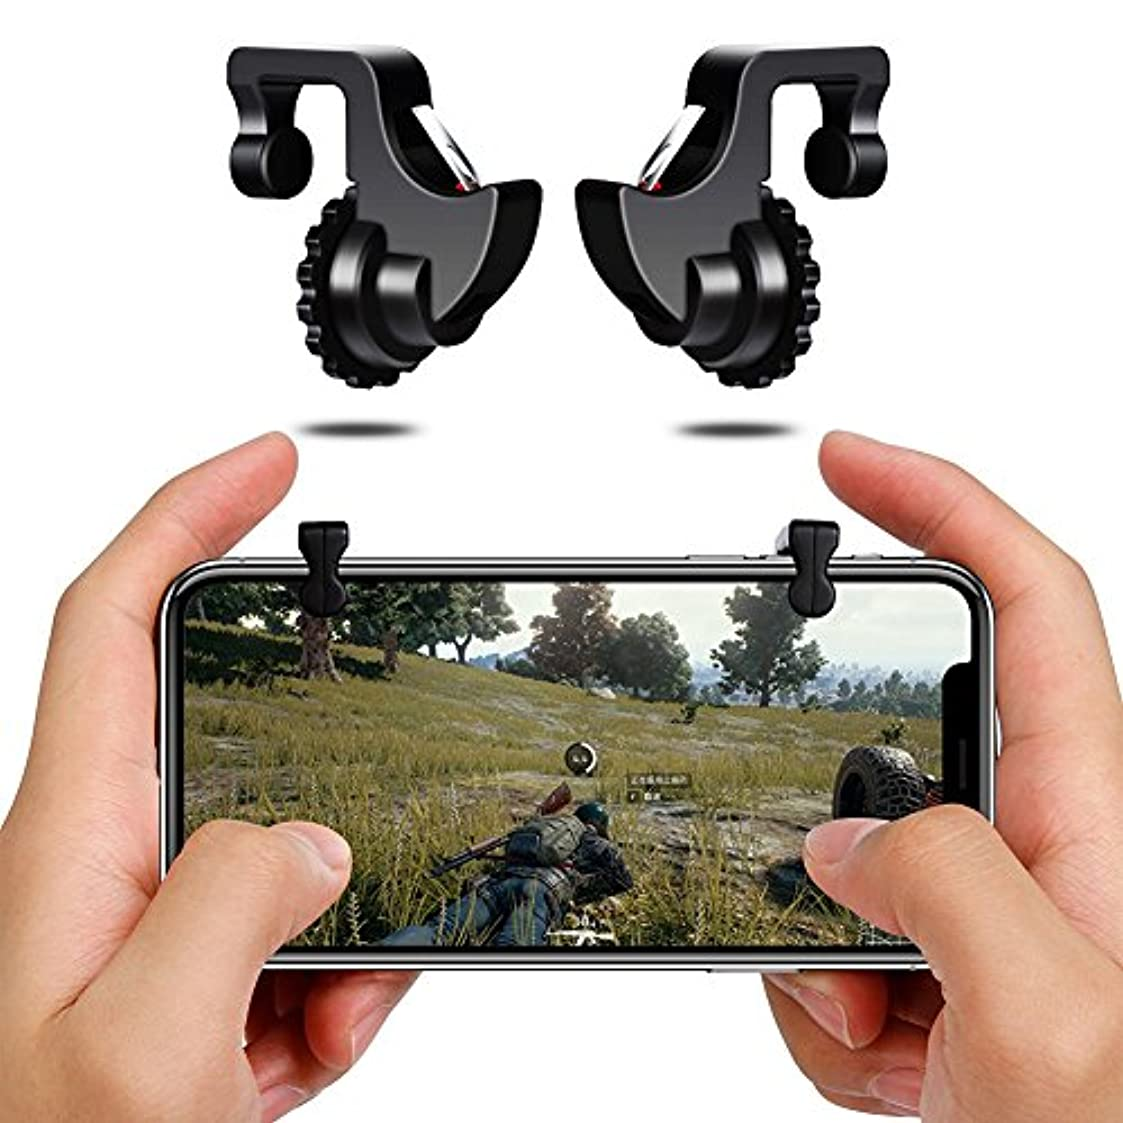 オーストラリア人柄デイジー荒野行動ゲームパッド ゲームコントローラー 射撃ボタン 押し式ゲームパッド高耐久ボタン 感応射撃ボタン 高速射撃 左右パッド iPhone/Android対応